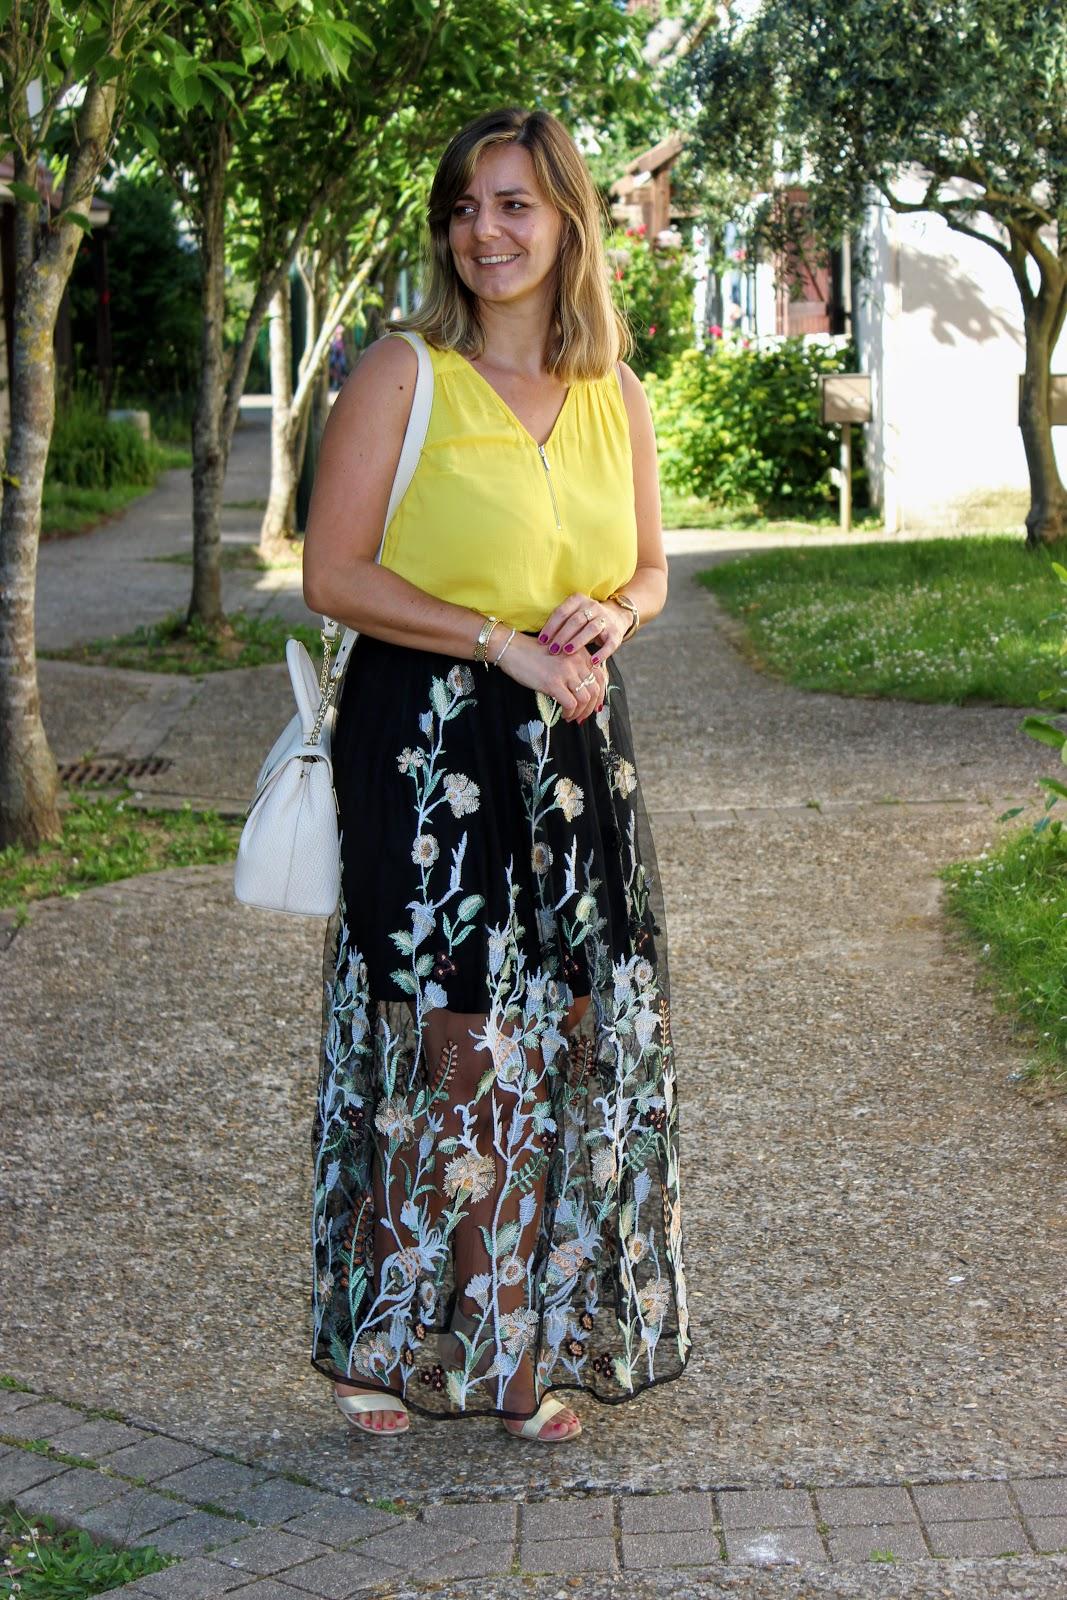 Jupe maje, look d'été, sac tressé lancaster, les petites bulles de ma vie